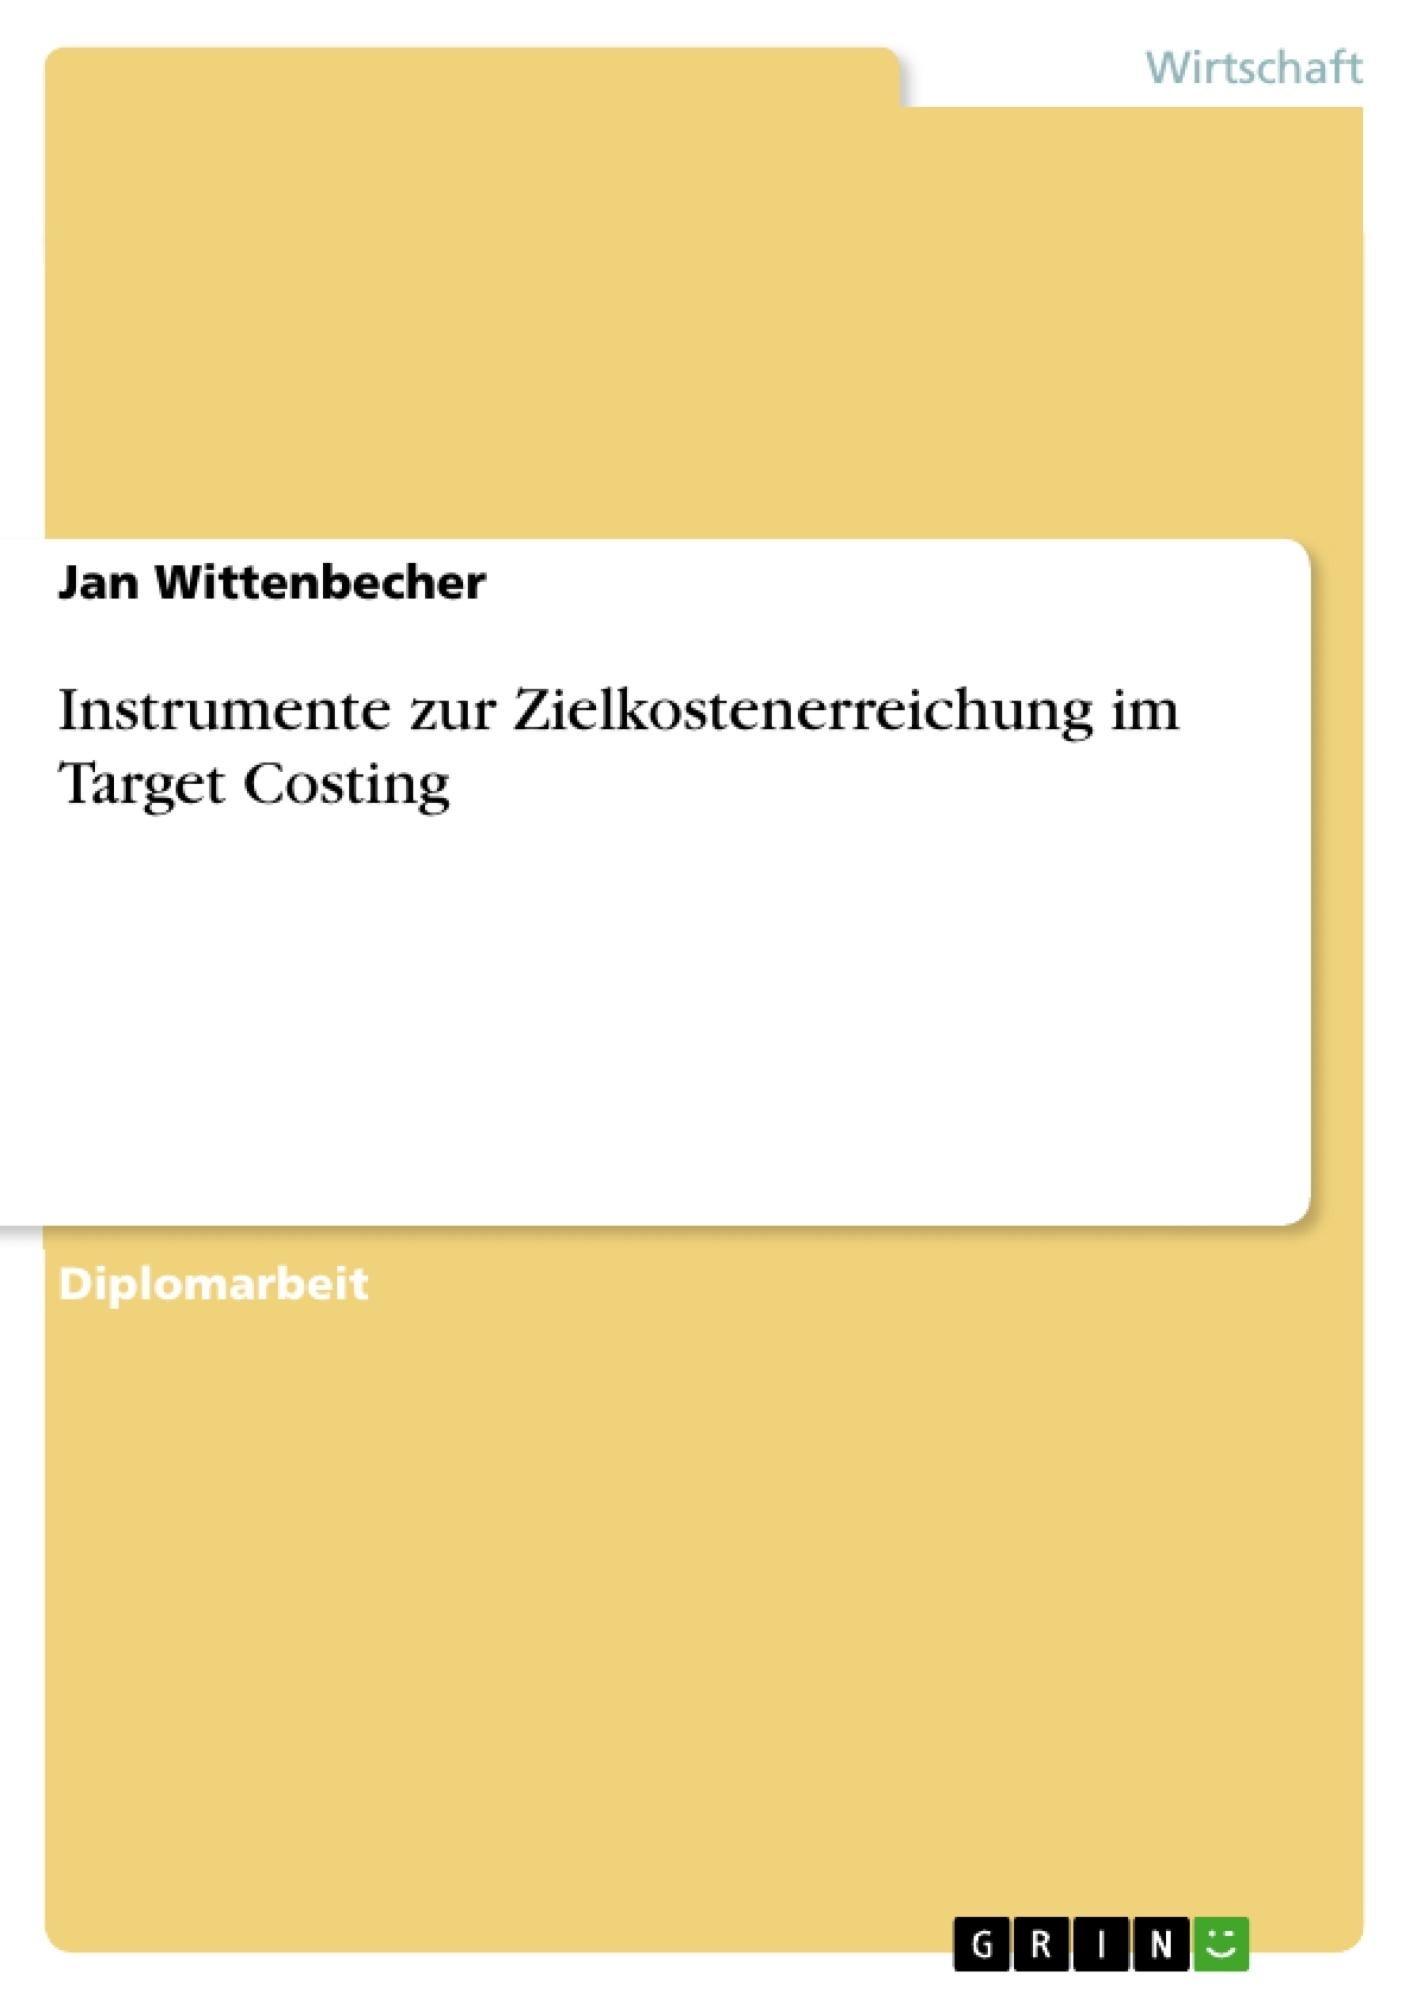 Titel: Instrumente zur Zielkostenerreichung im Target Costing